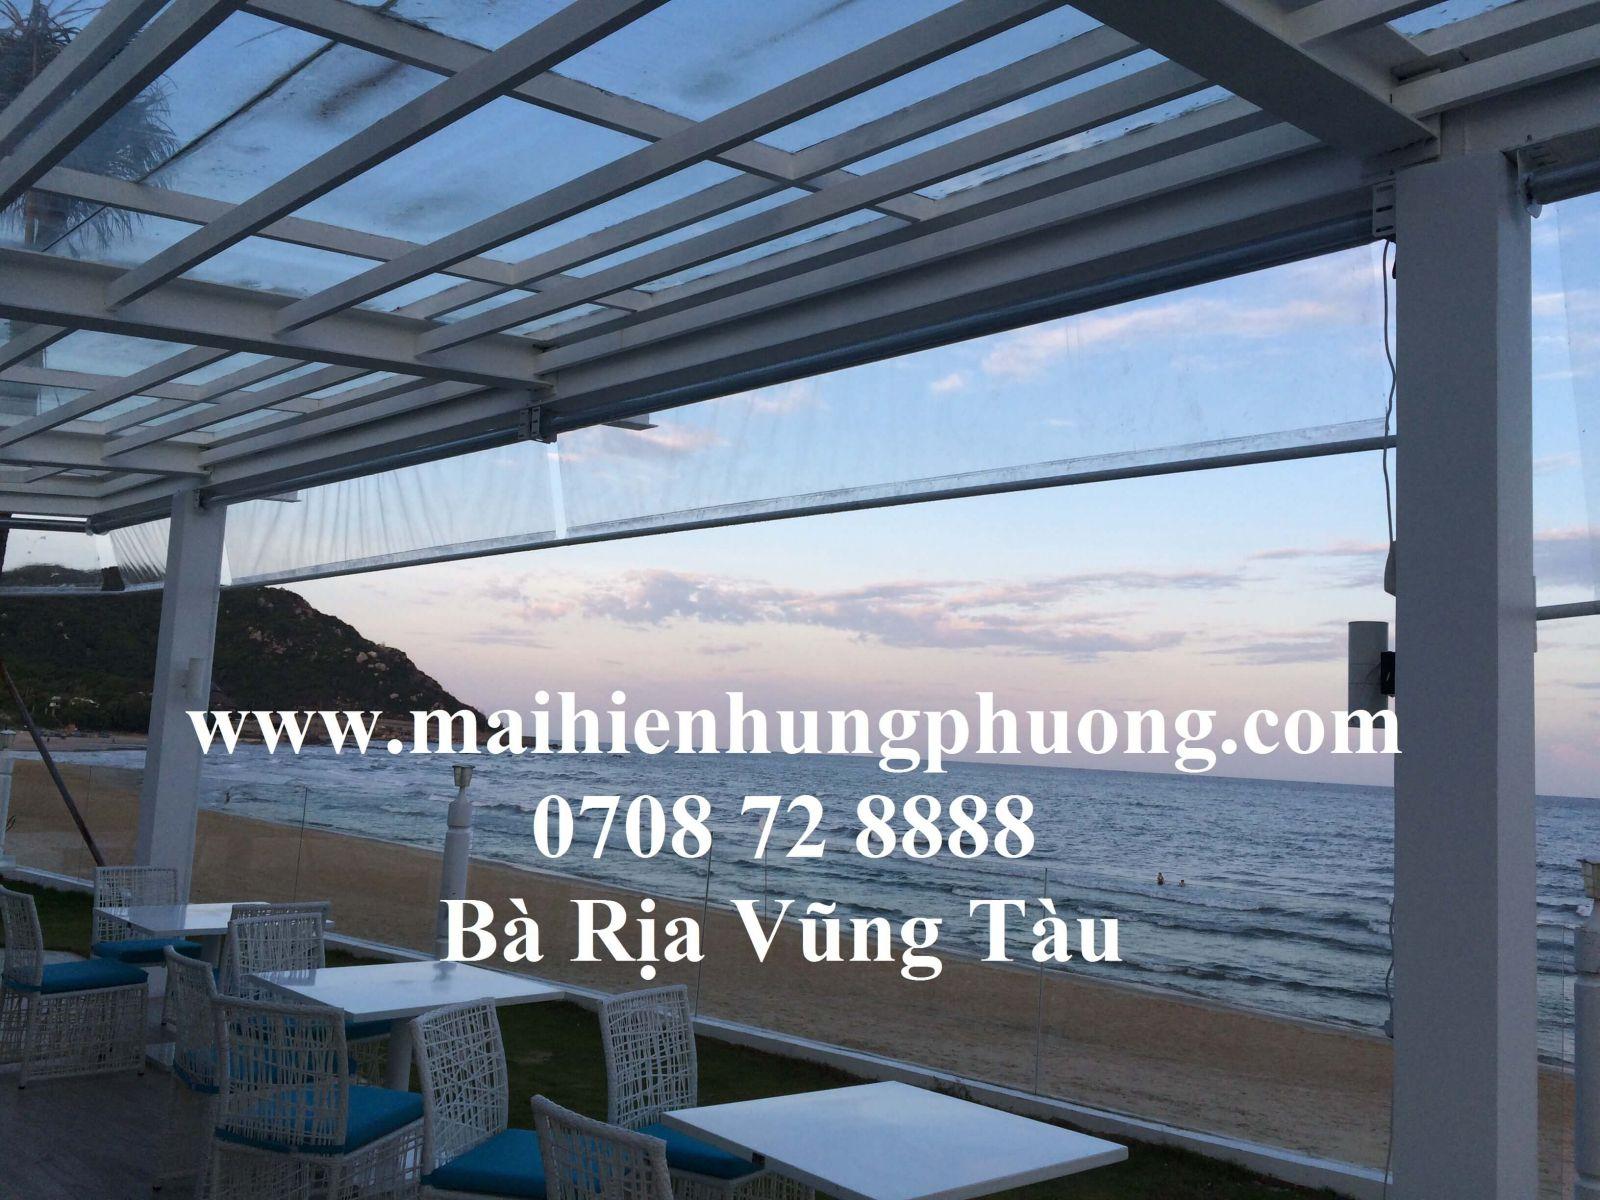 mái hiên sân thượng Bà Rịa Vũng Tàu